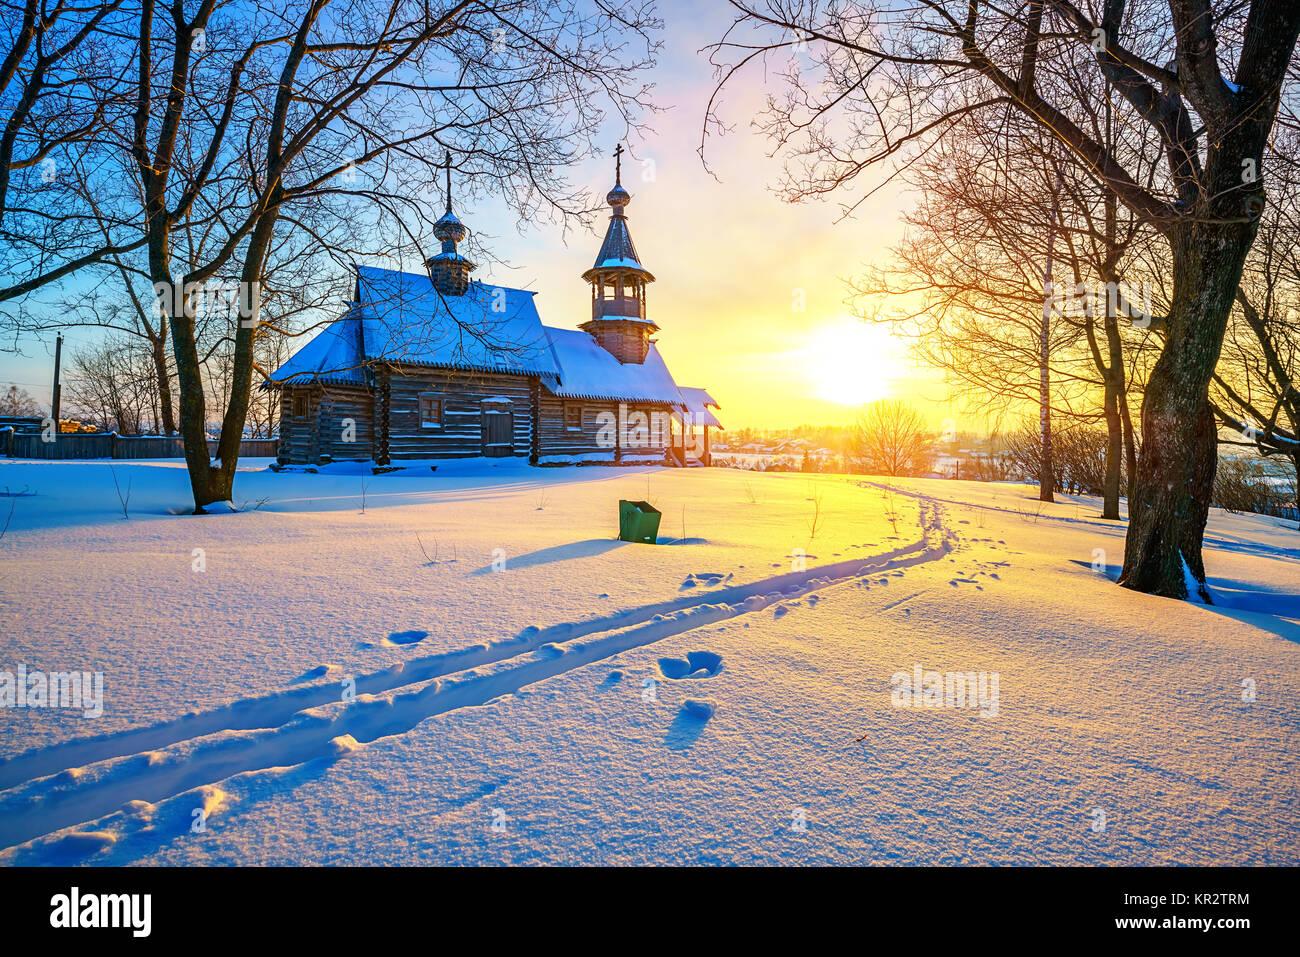 L'église russe dans la forêt d'hiver Photo Stock